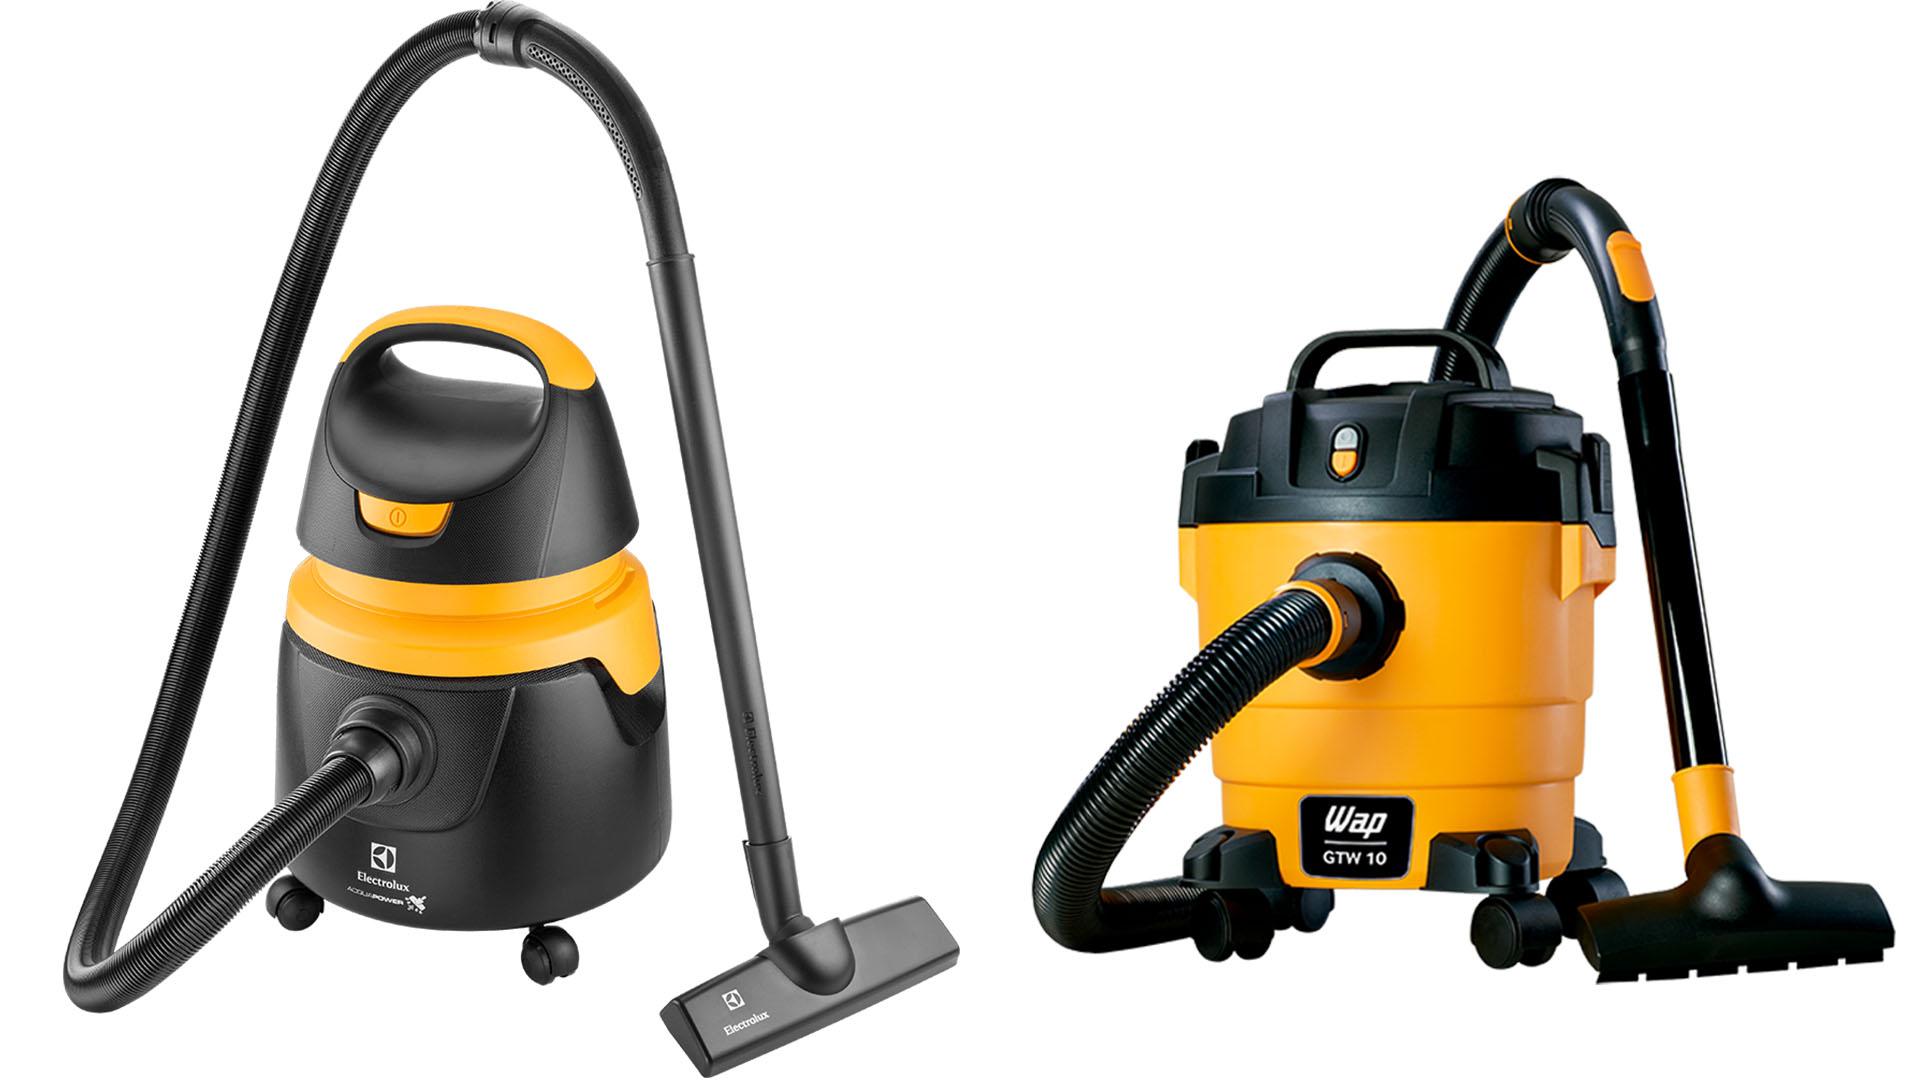 Os dois modelos de aspirador de pó e água têm uma quantidade satisfatória de acessórios (Fotos: Divulgação Electrolux/Wap)